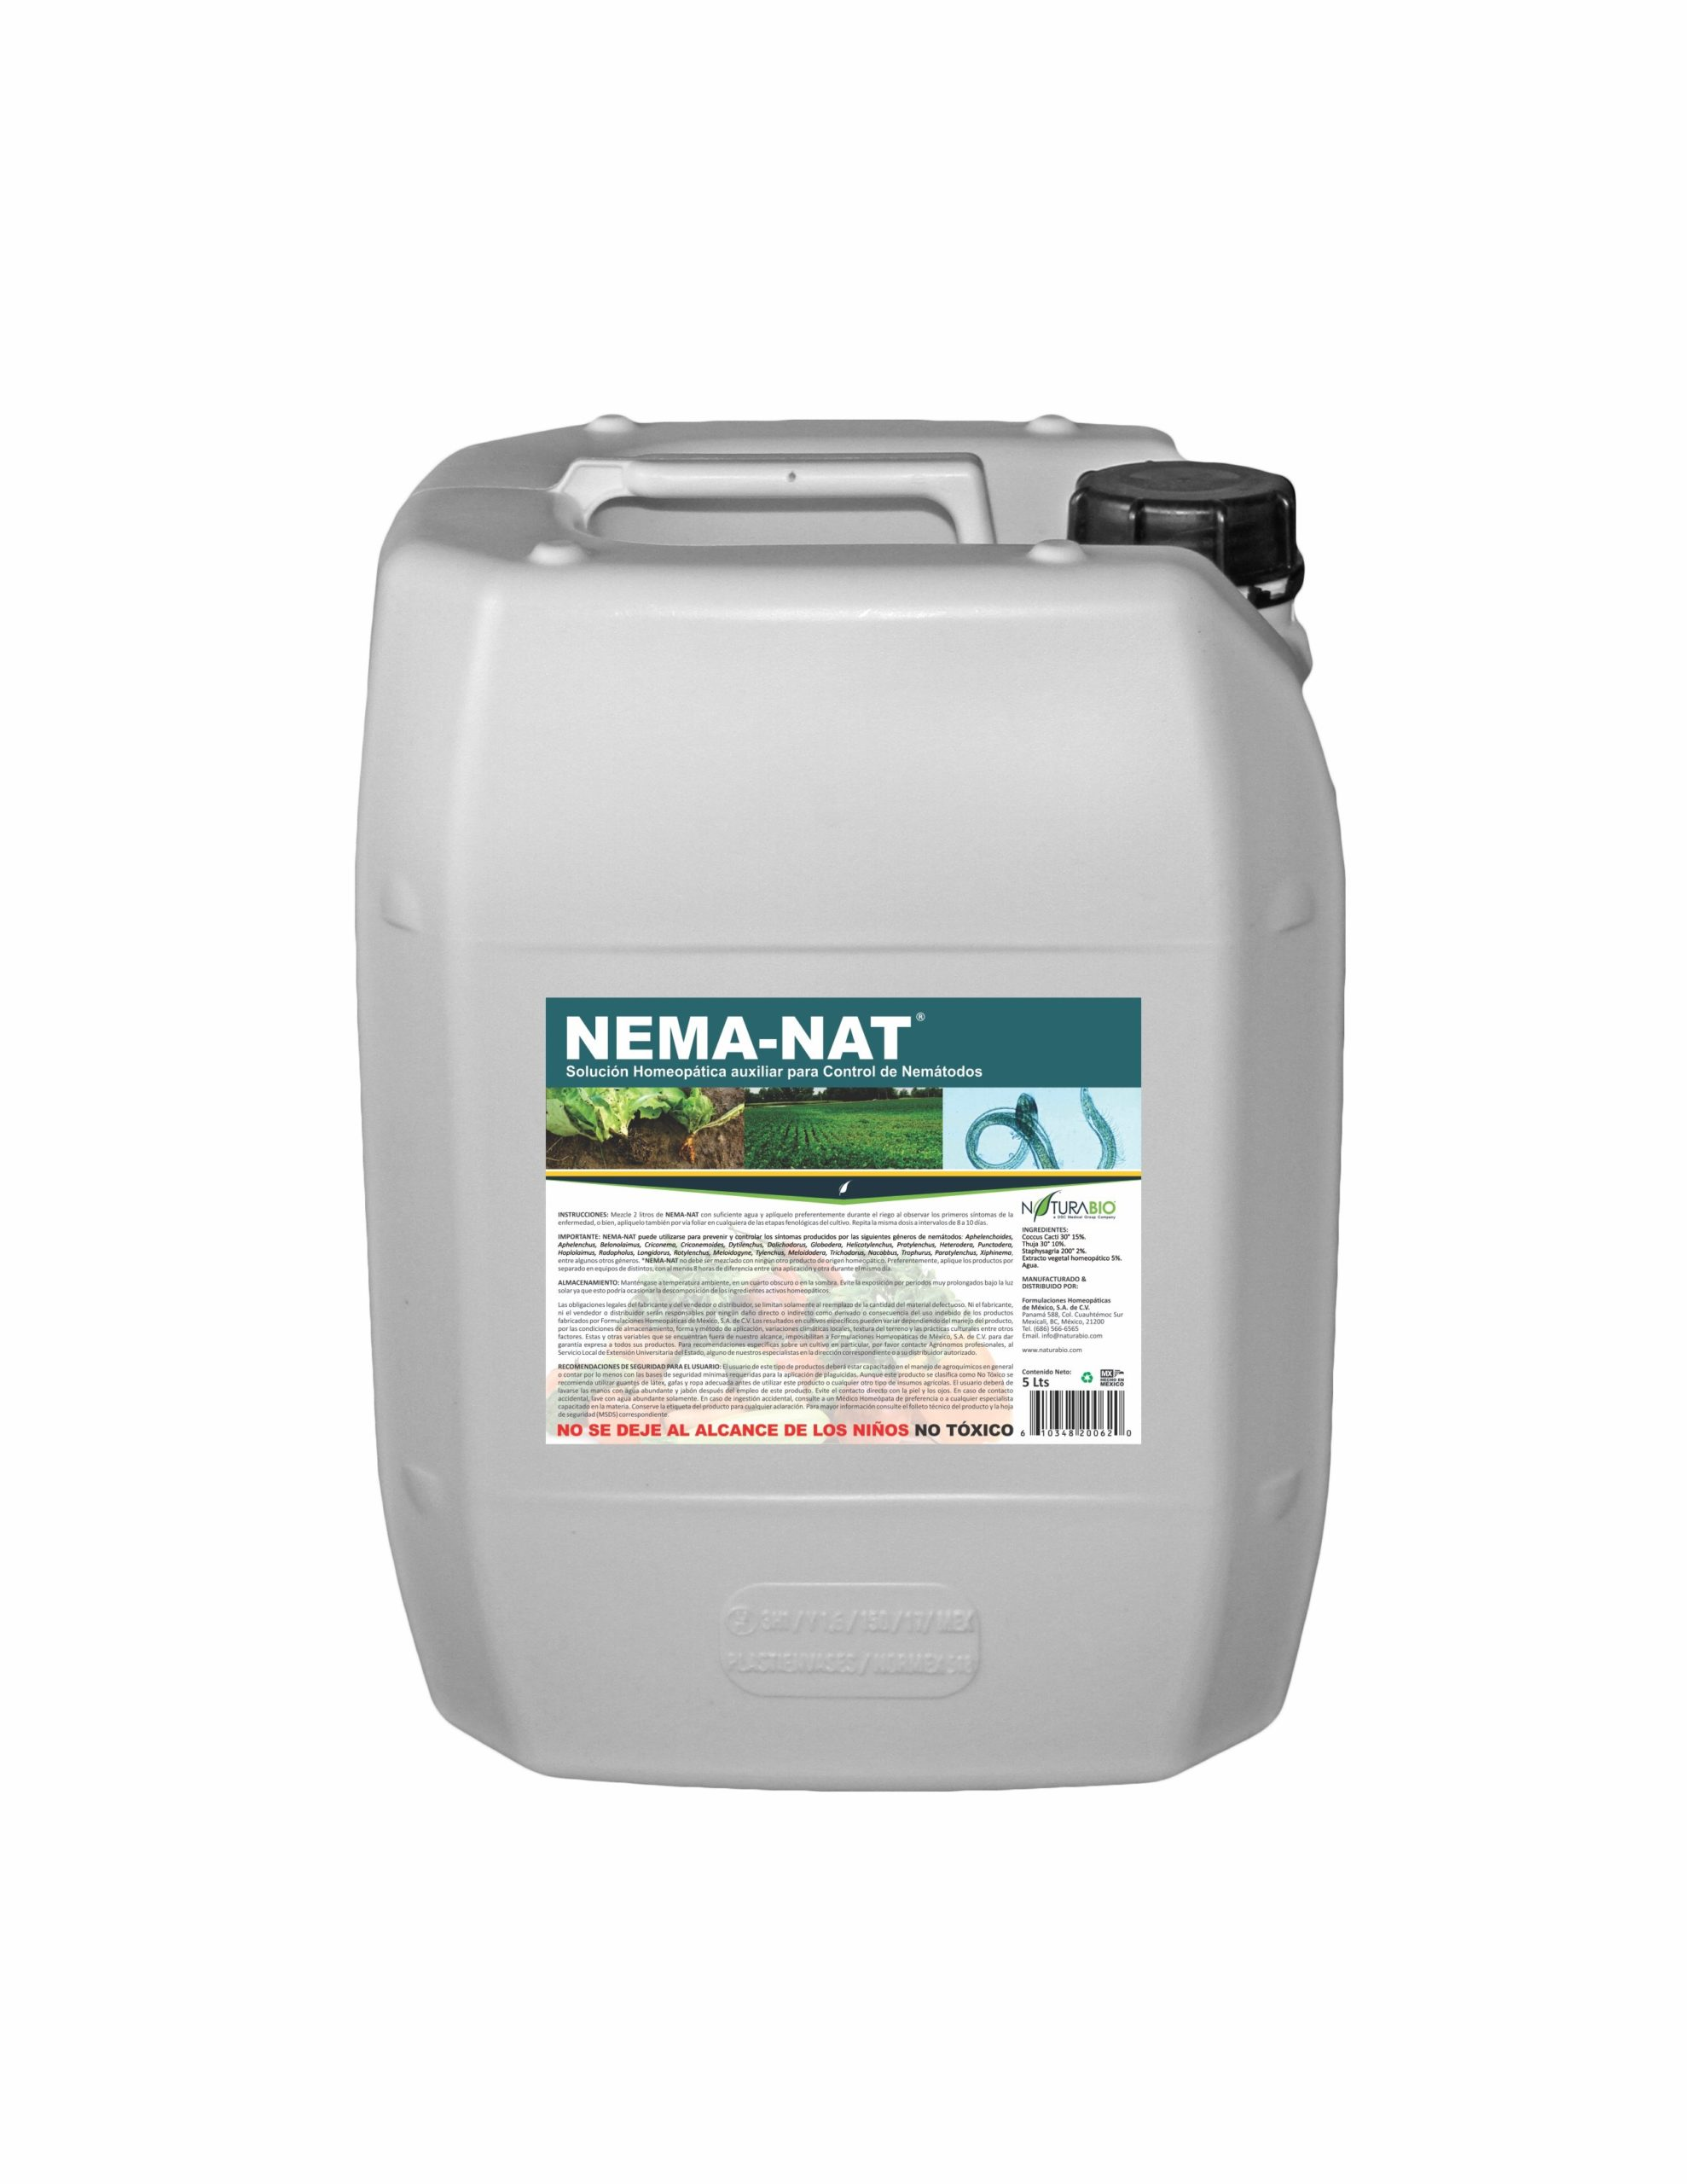 NEMA-NAT Solución Homeopática auxiliar para Control de Nemátodos